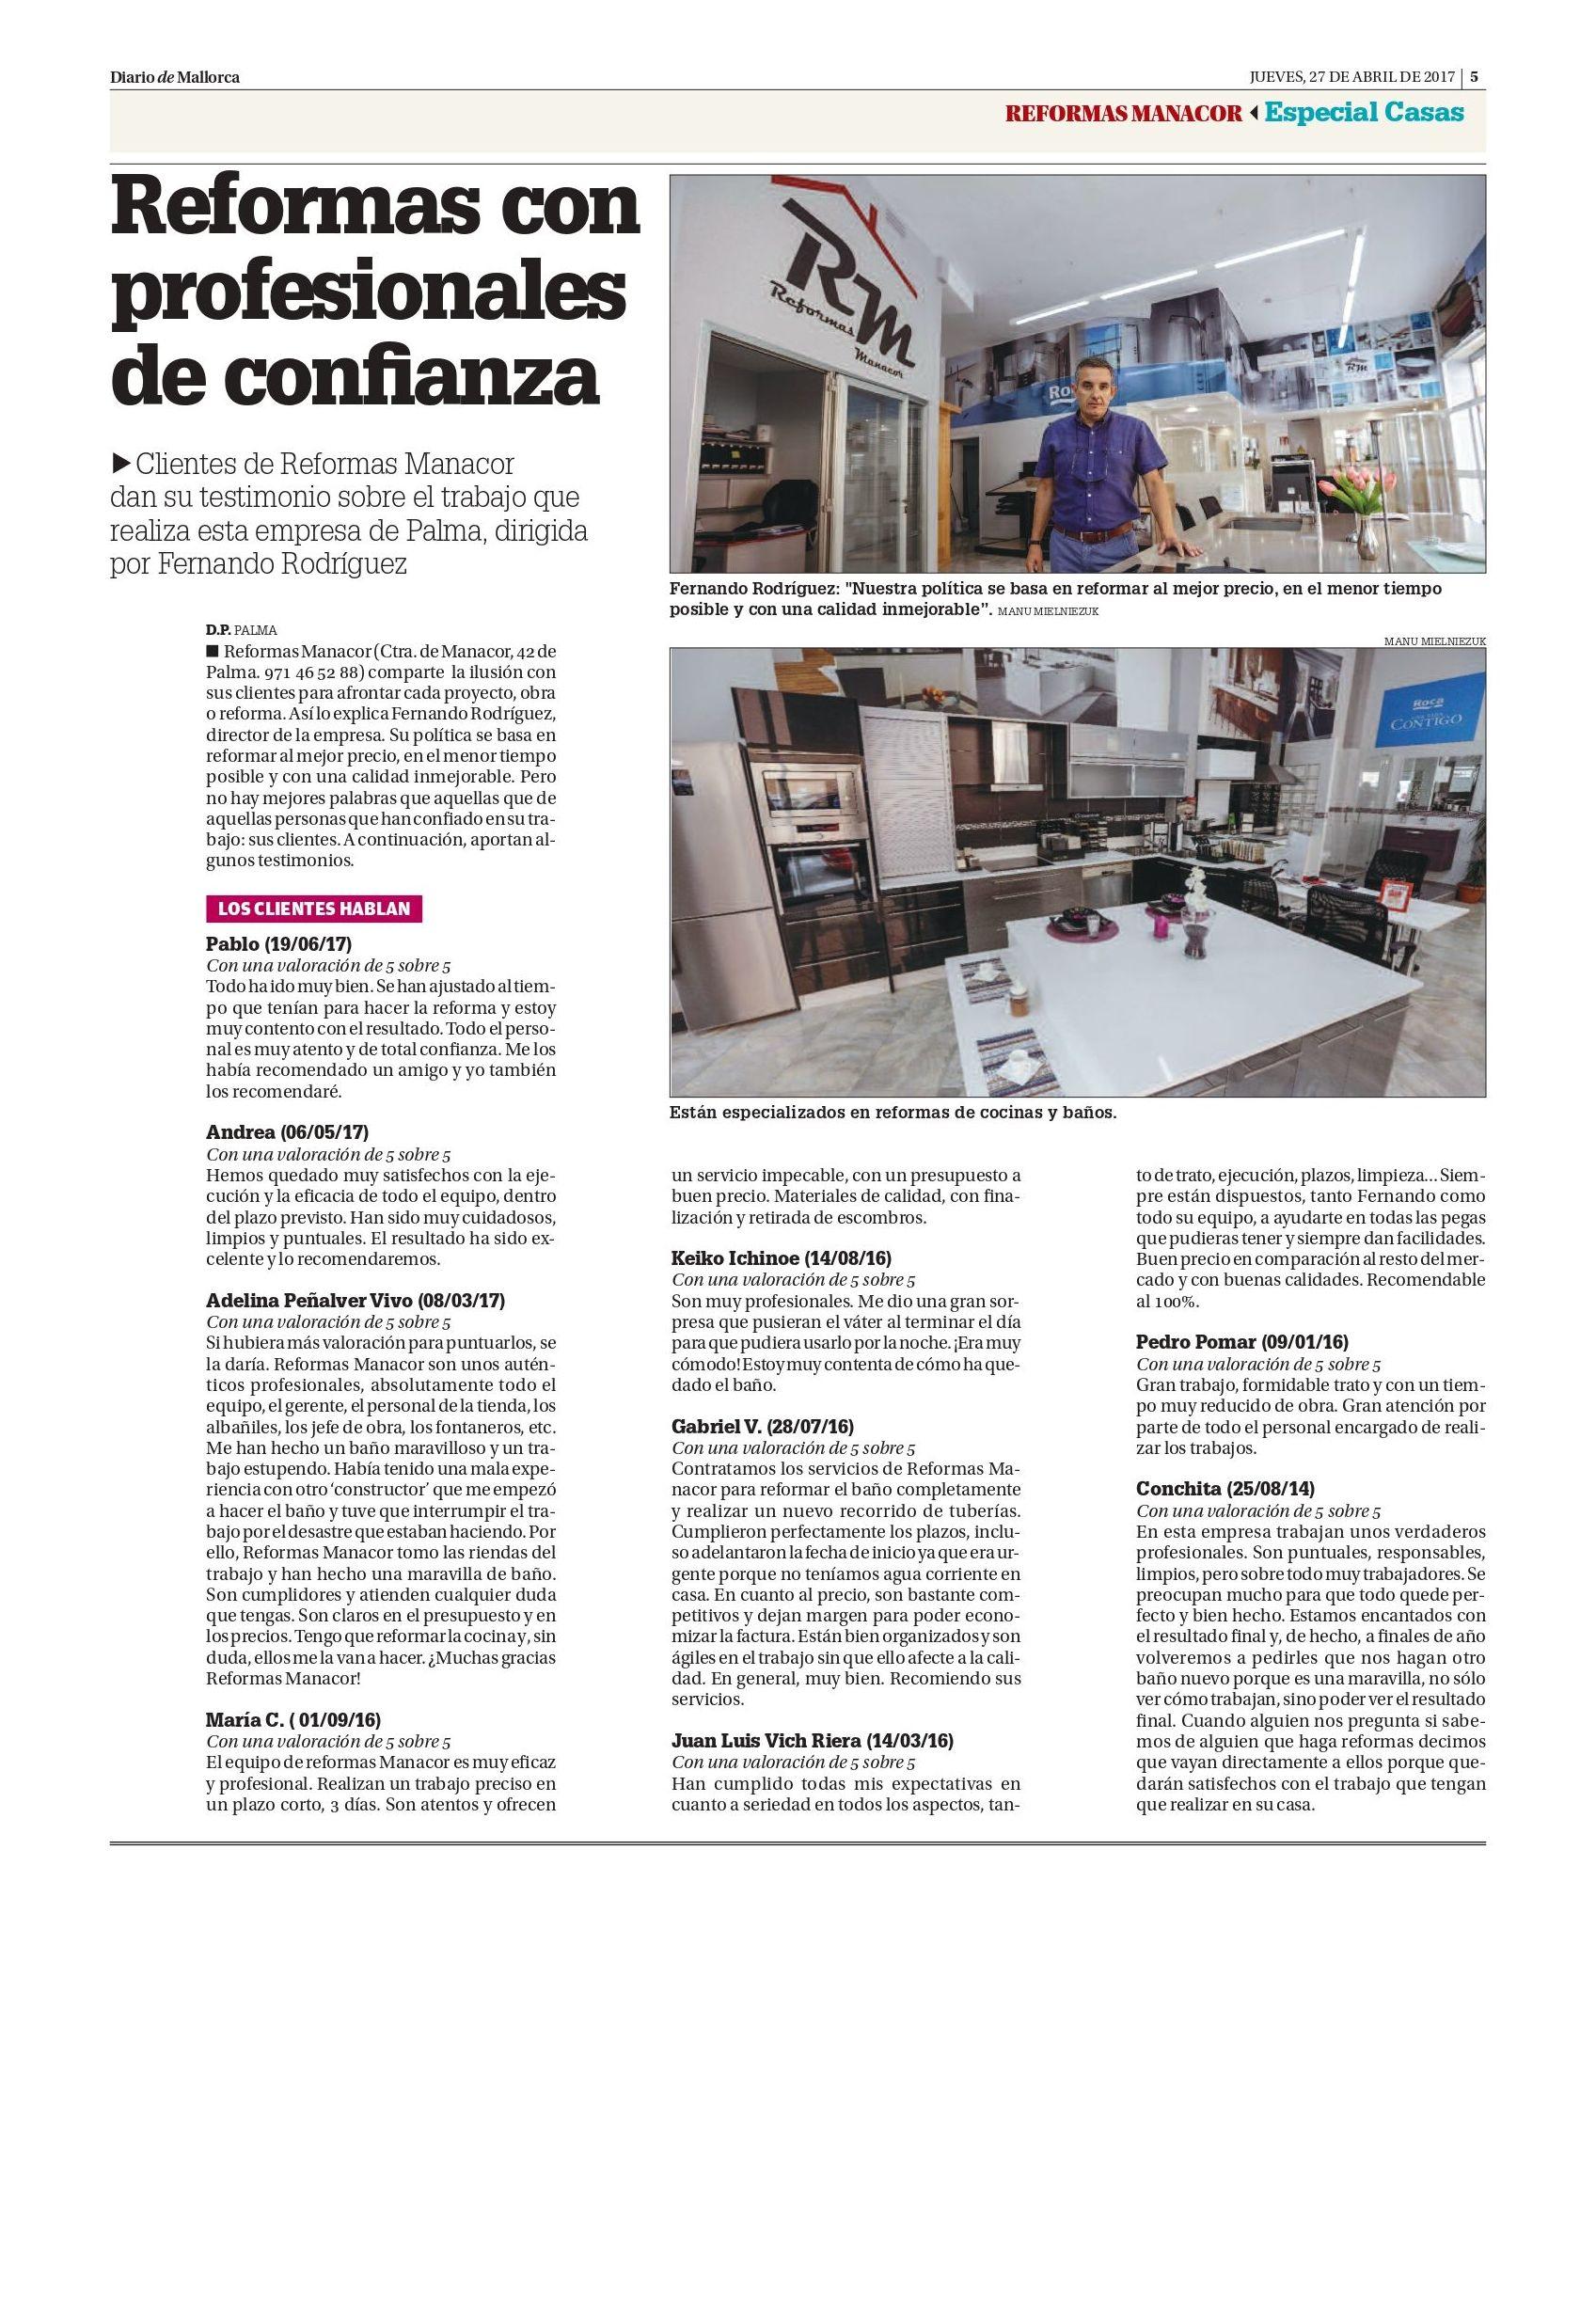 Reformas Manacor Especial Casas